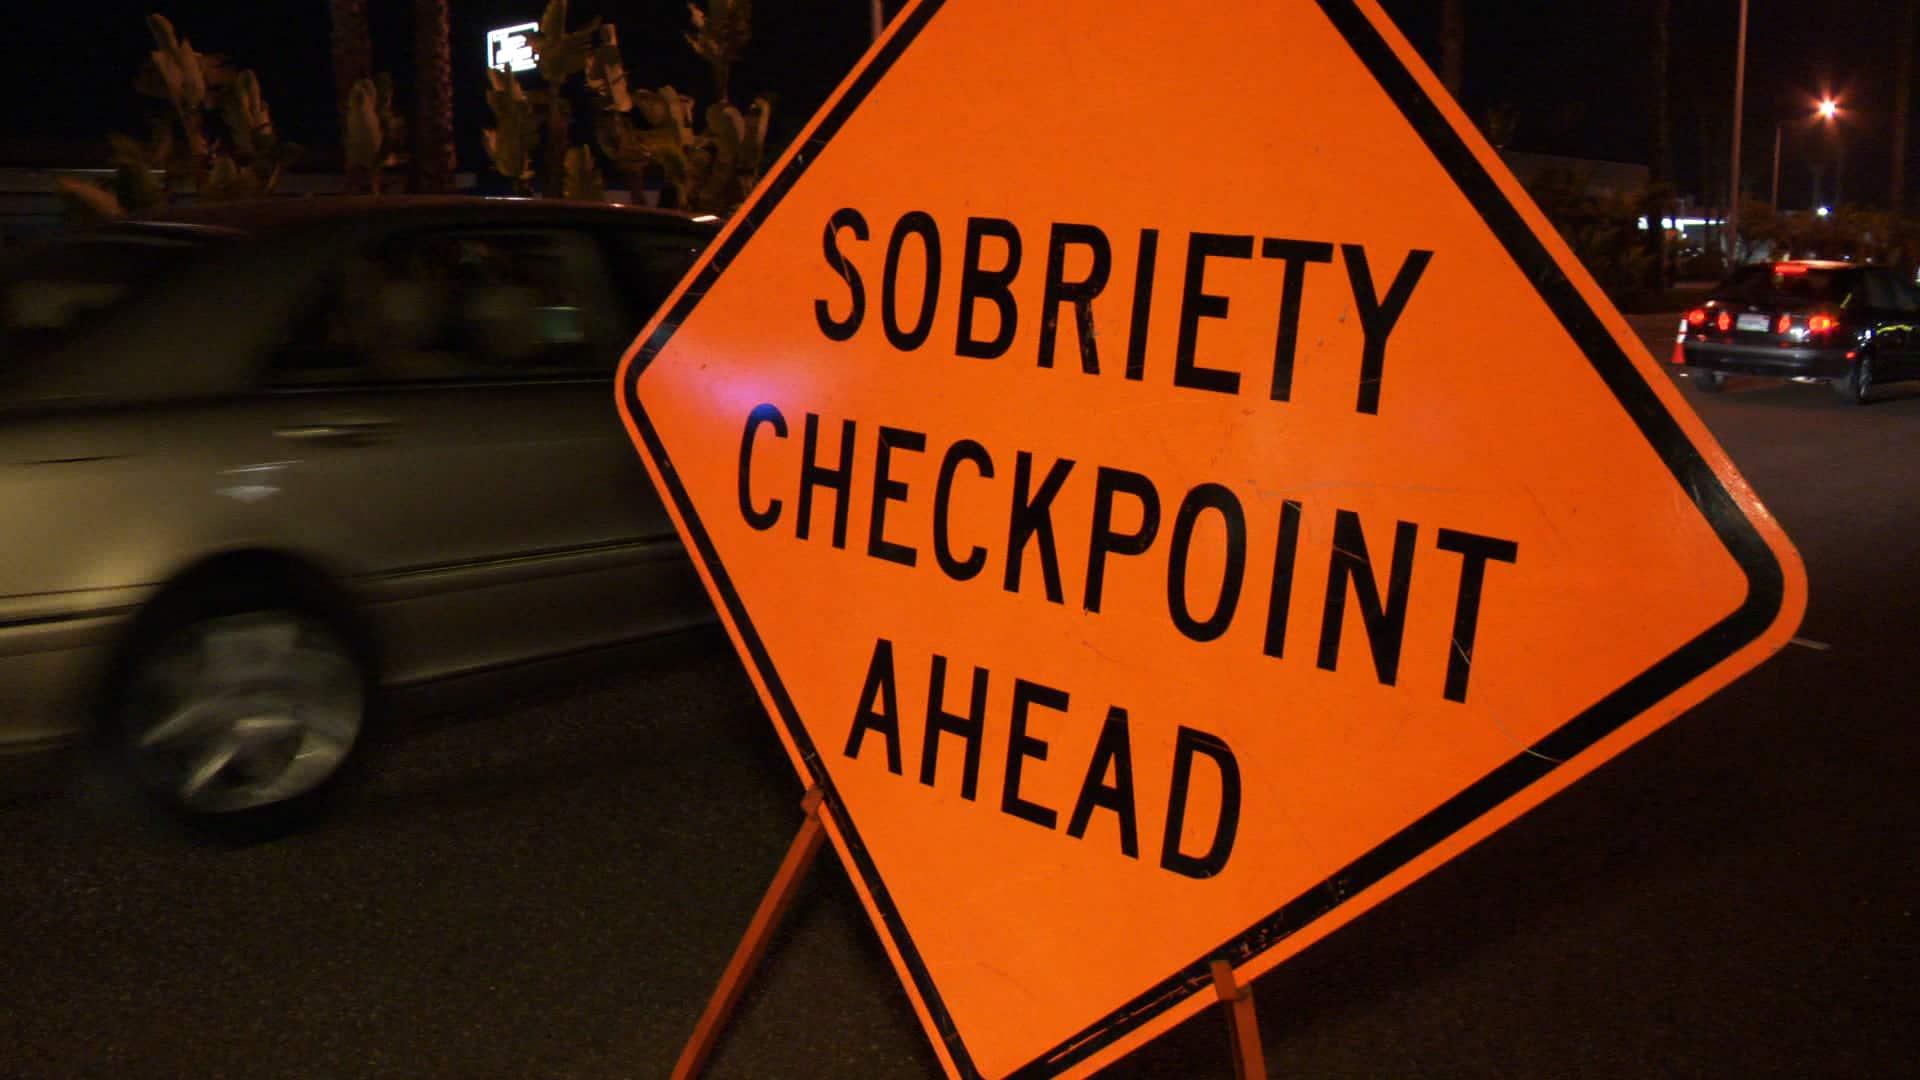 Arizona, Non-Owner, Non-Driver, No Car, SR22, Insurance, sobriety, attorney, checkpoint